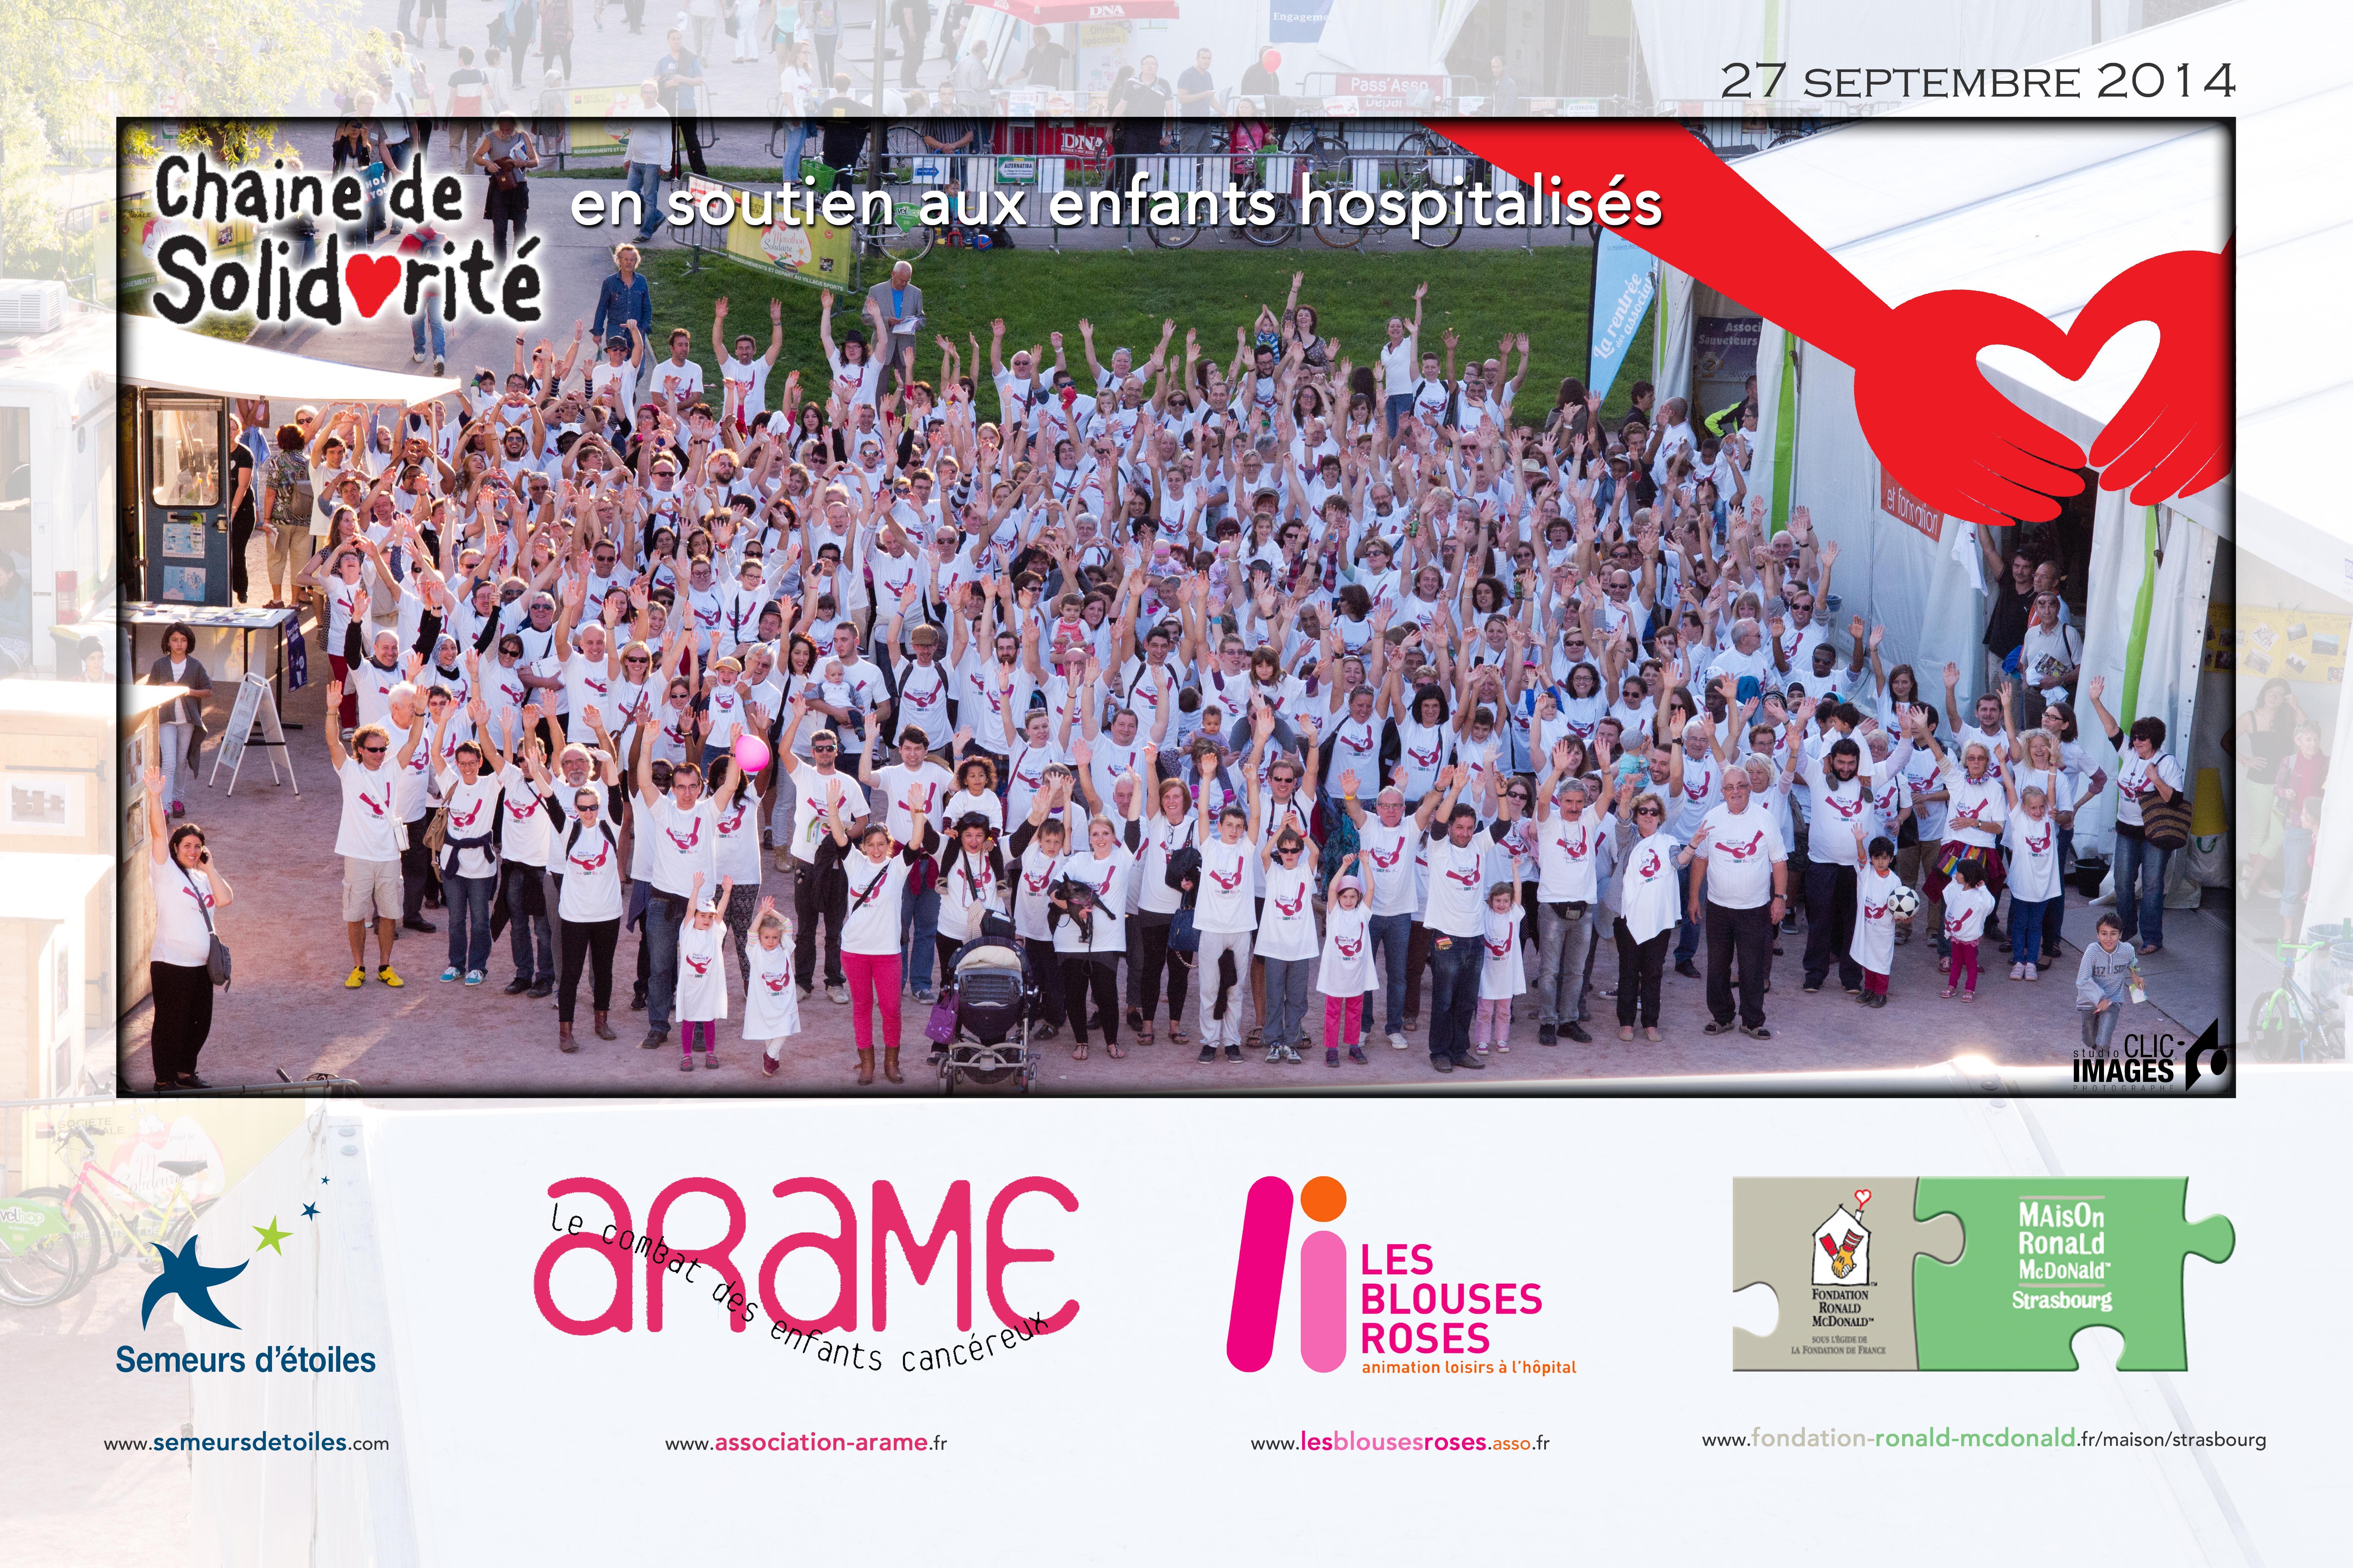 chaine de solidarité 2014 - Strasbourg